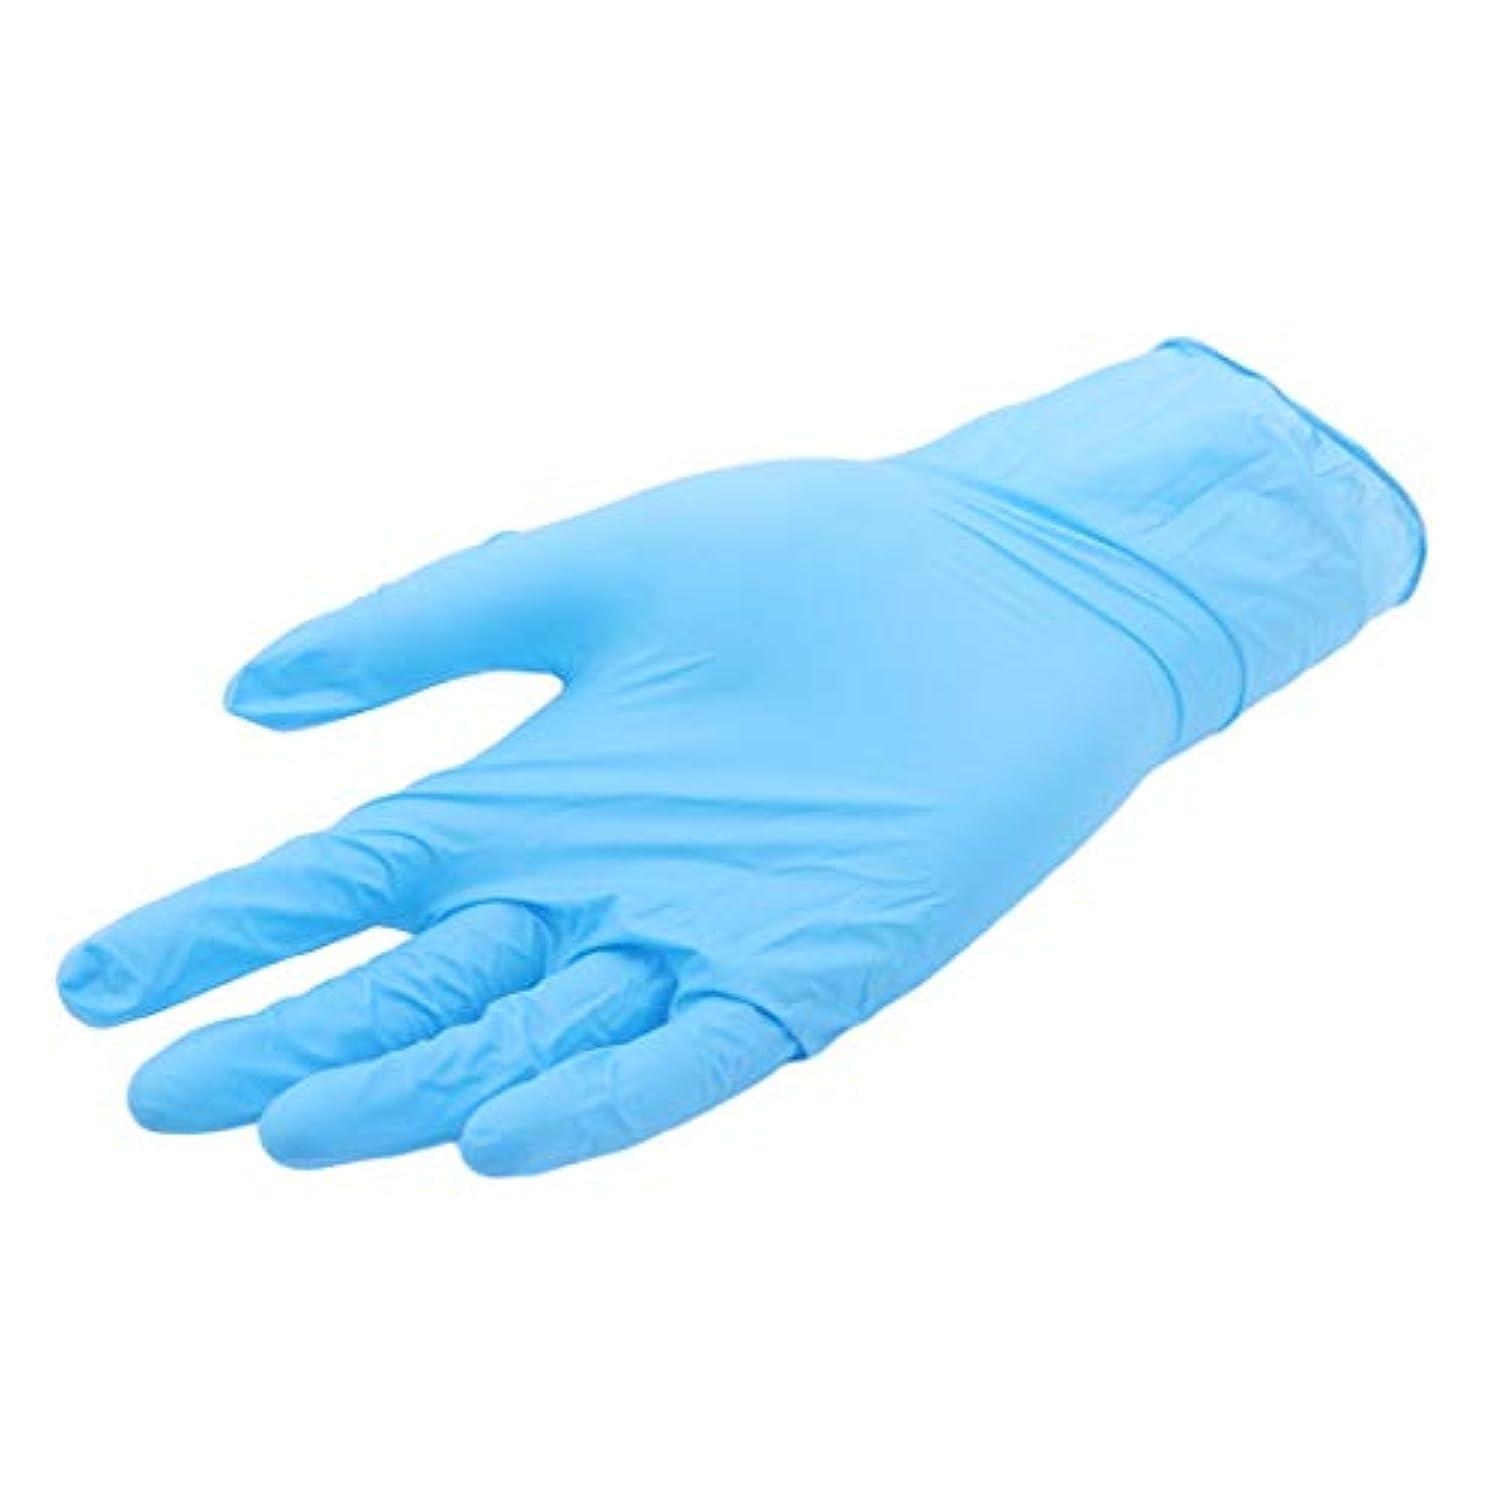 航空便これらインターネットKLUMA ニトリル手袋 使い捨て手袋 100枚入 粉なし 薄い手袋 防水 耐油性 手荒いを防ぎ 園芸 素手感覚